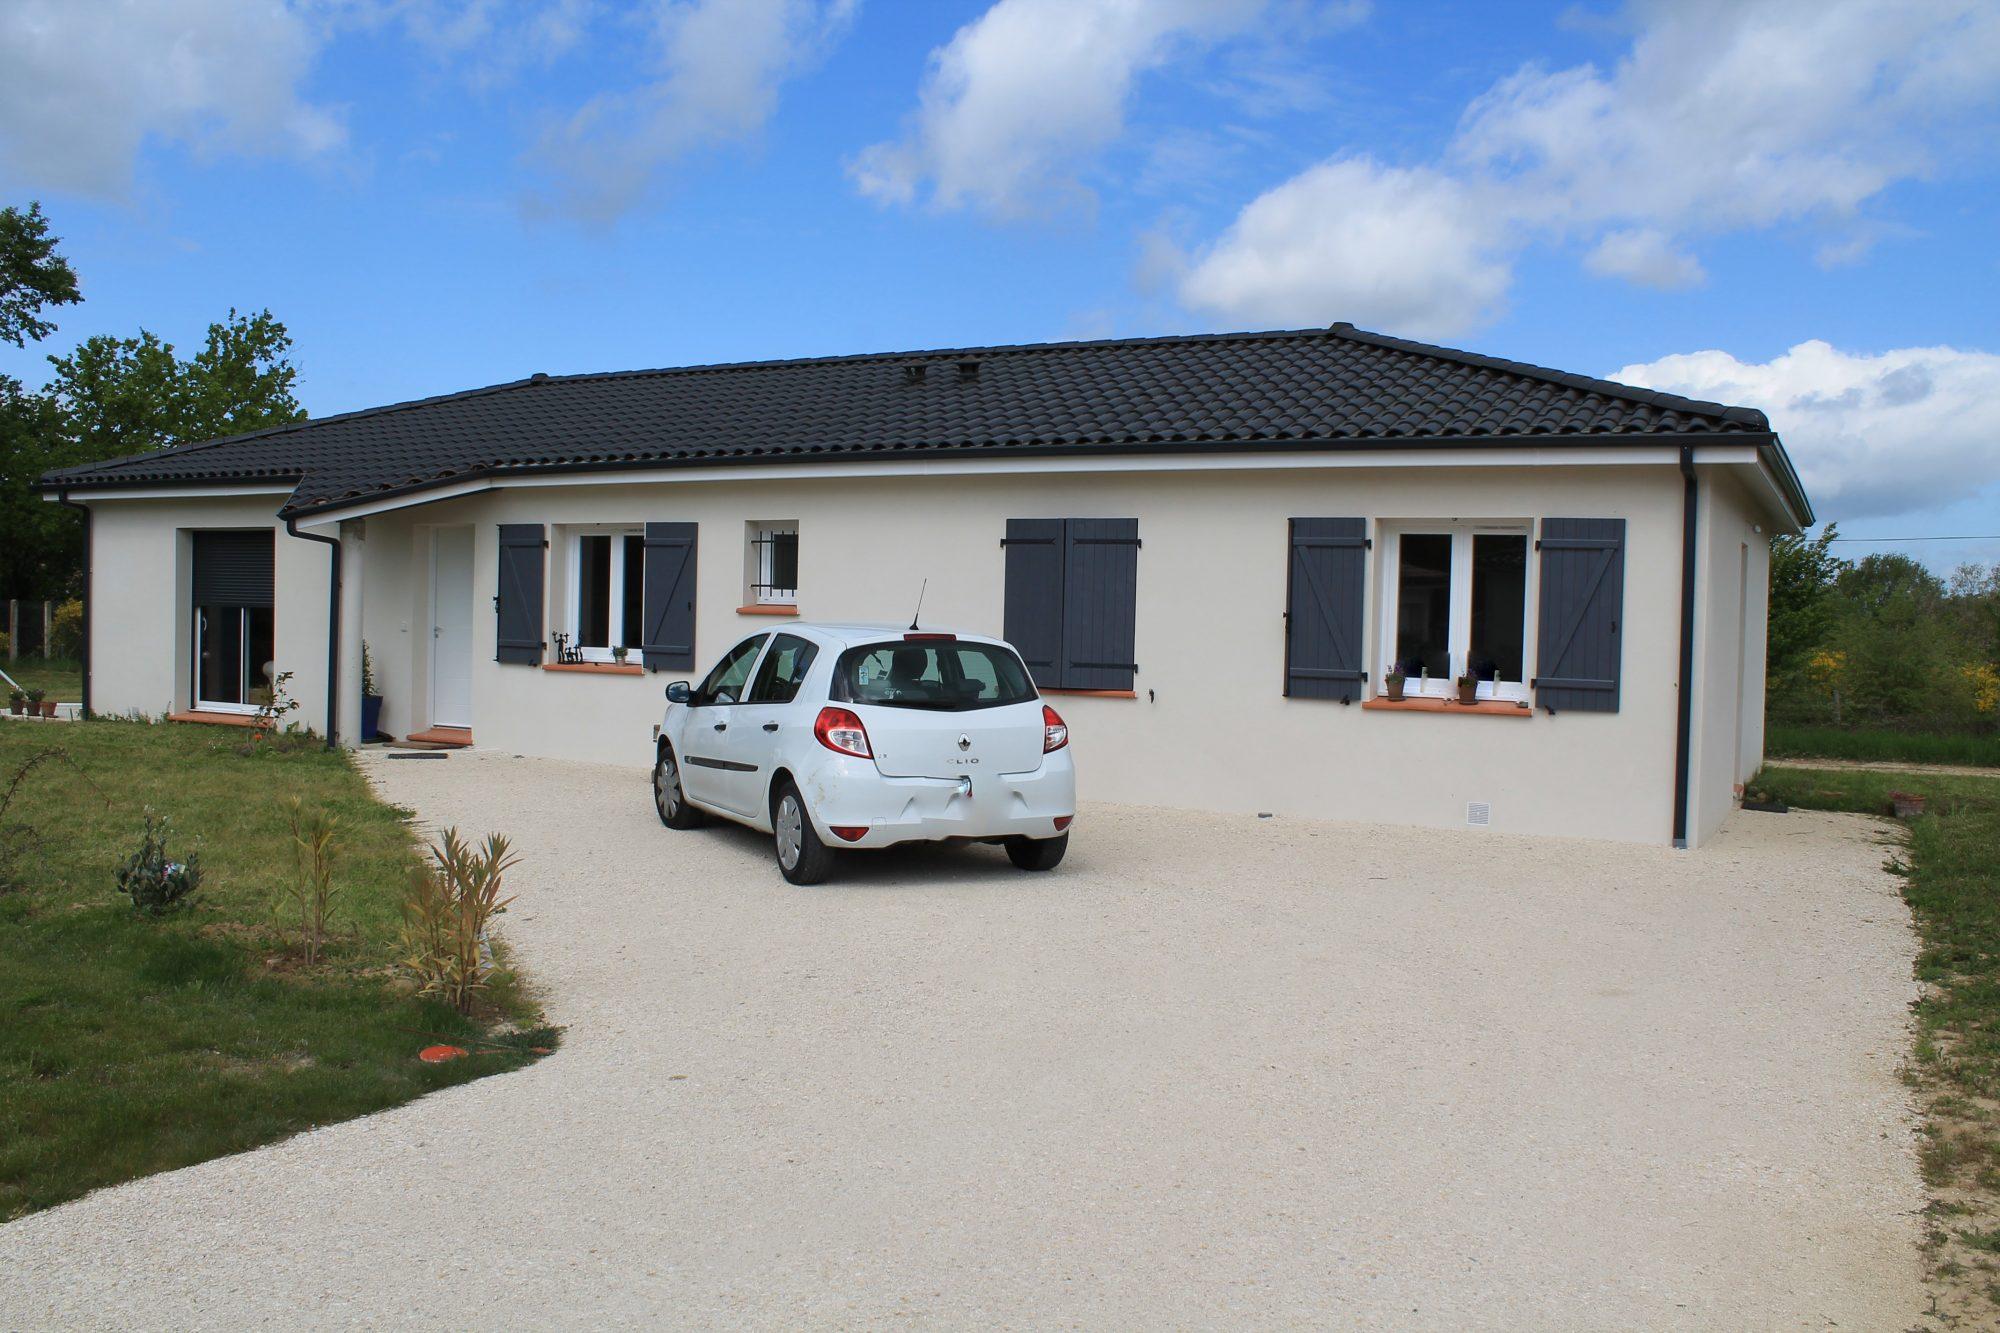 Primo habitat constructeur agr maisons de qualit for Constructeur de maison 52